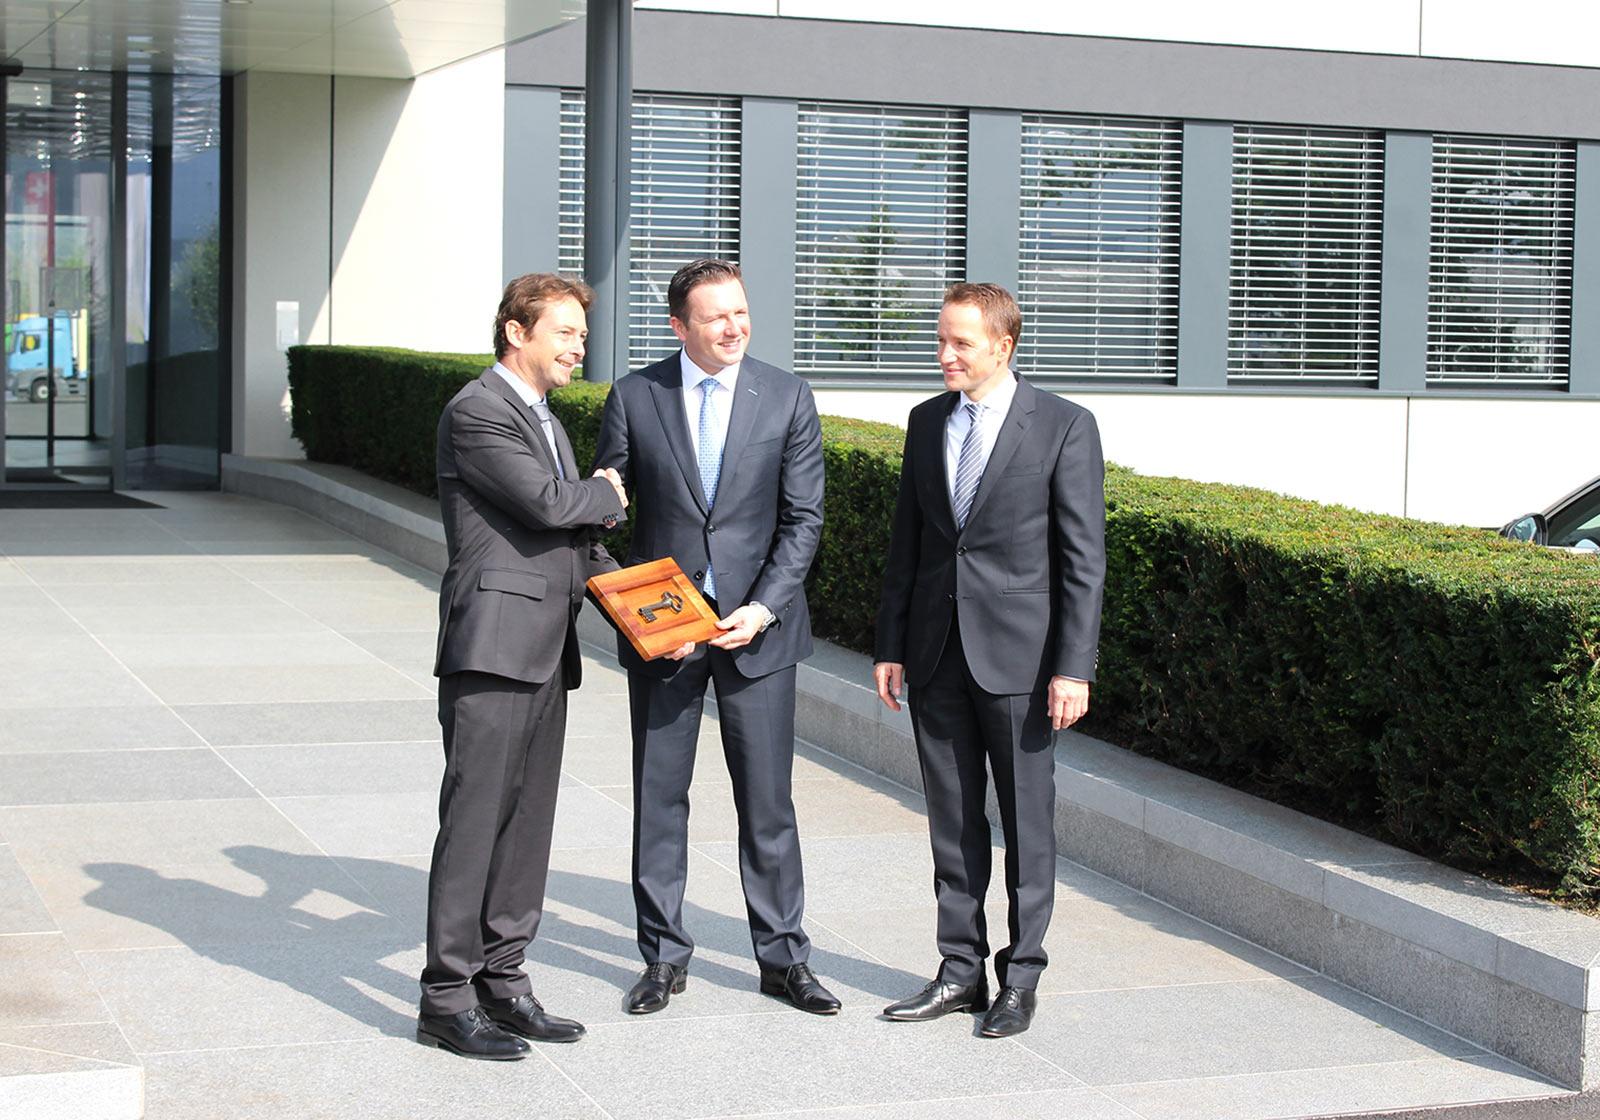 v. l.: ATP-Gesamtprojektleiter Albert Kompatscher mit Robert Pontius, GF ZNL ALDI Perlen und Timo Schuster, GF ALDI Suisse bei der Schlüsselübergabe. Foto: ATP